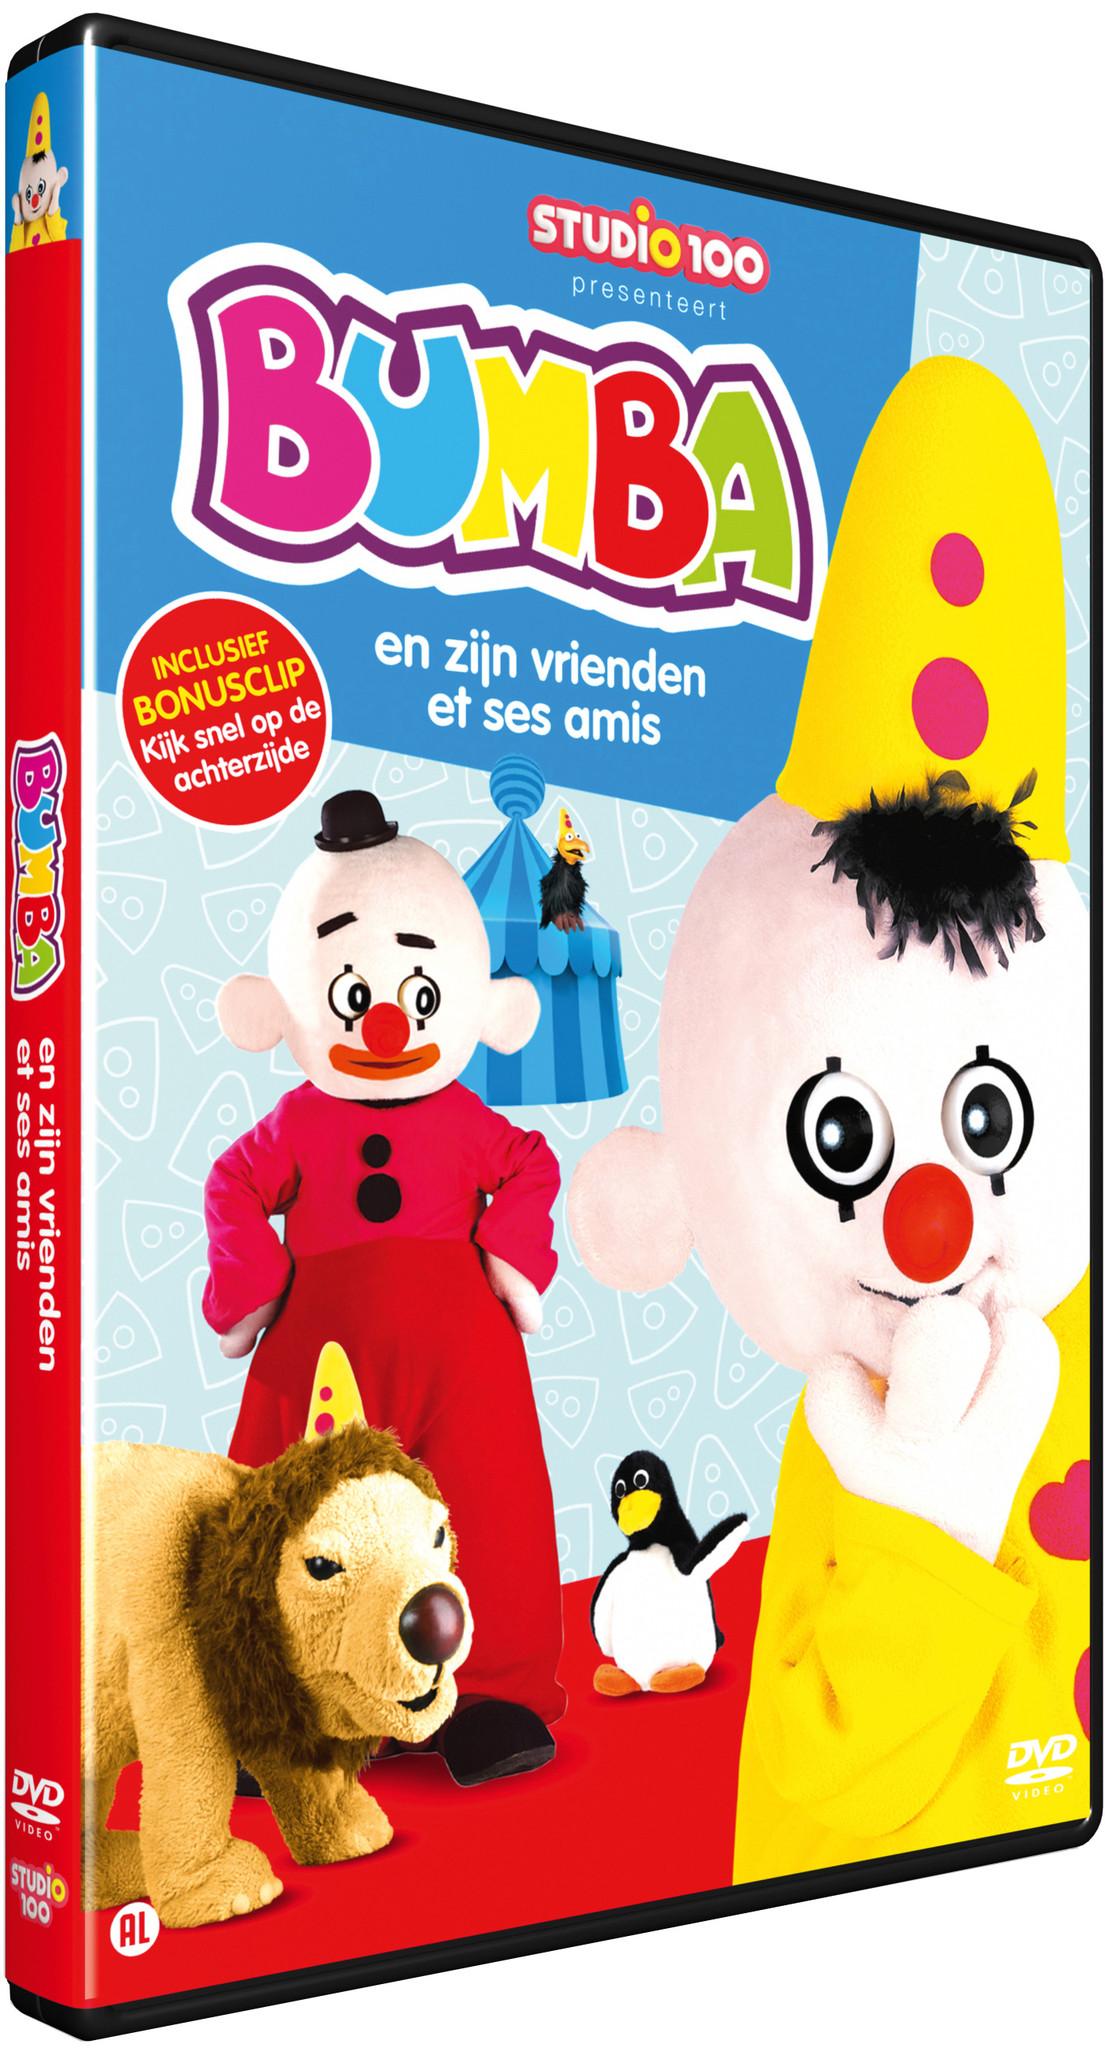 Bumba DVD - Bumba et ses amis vol. 1